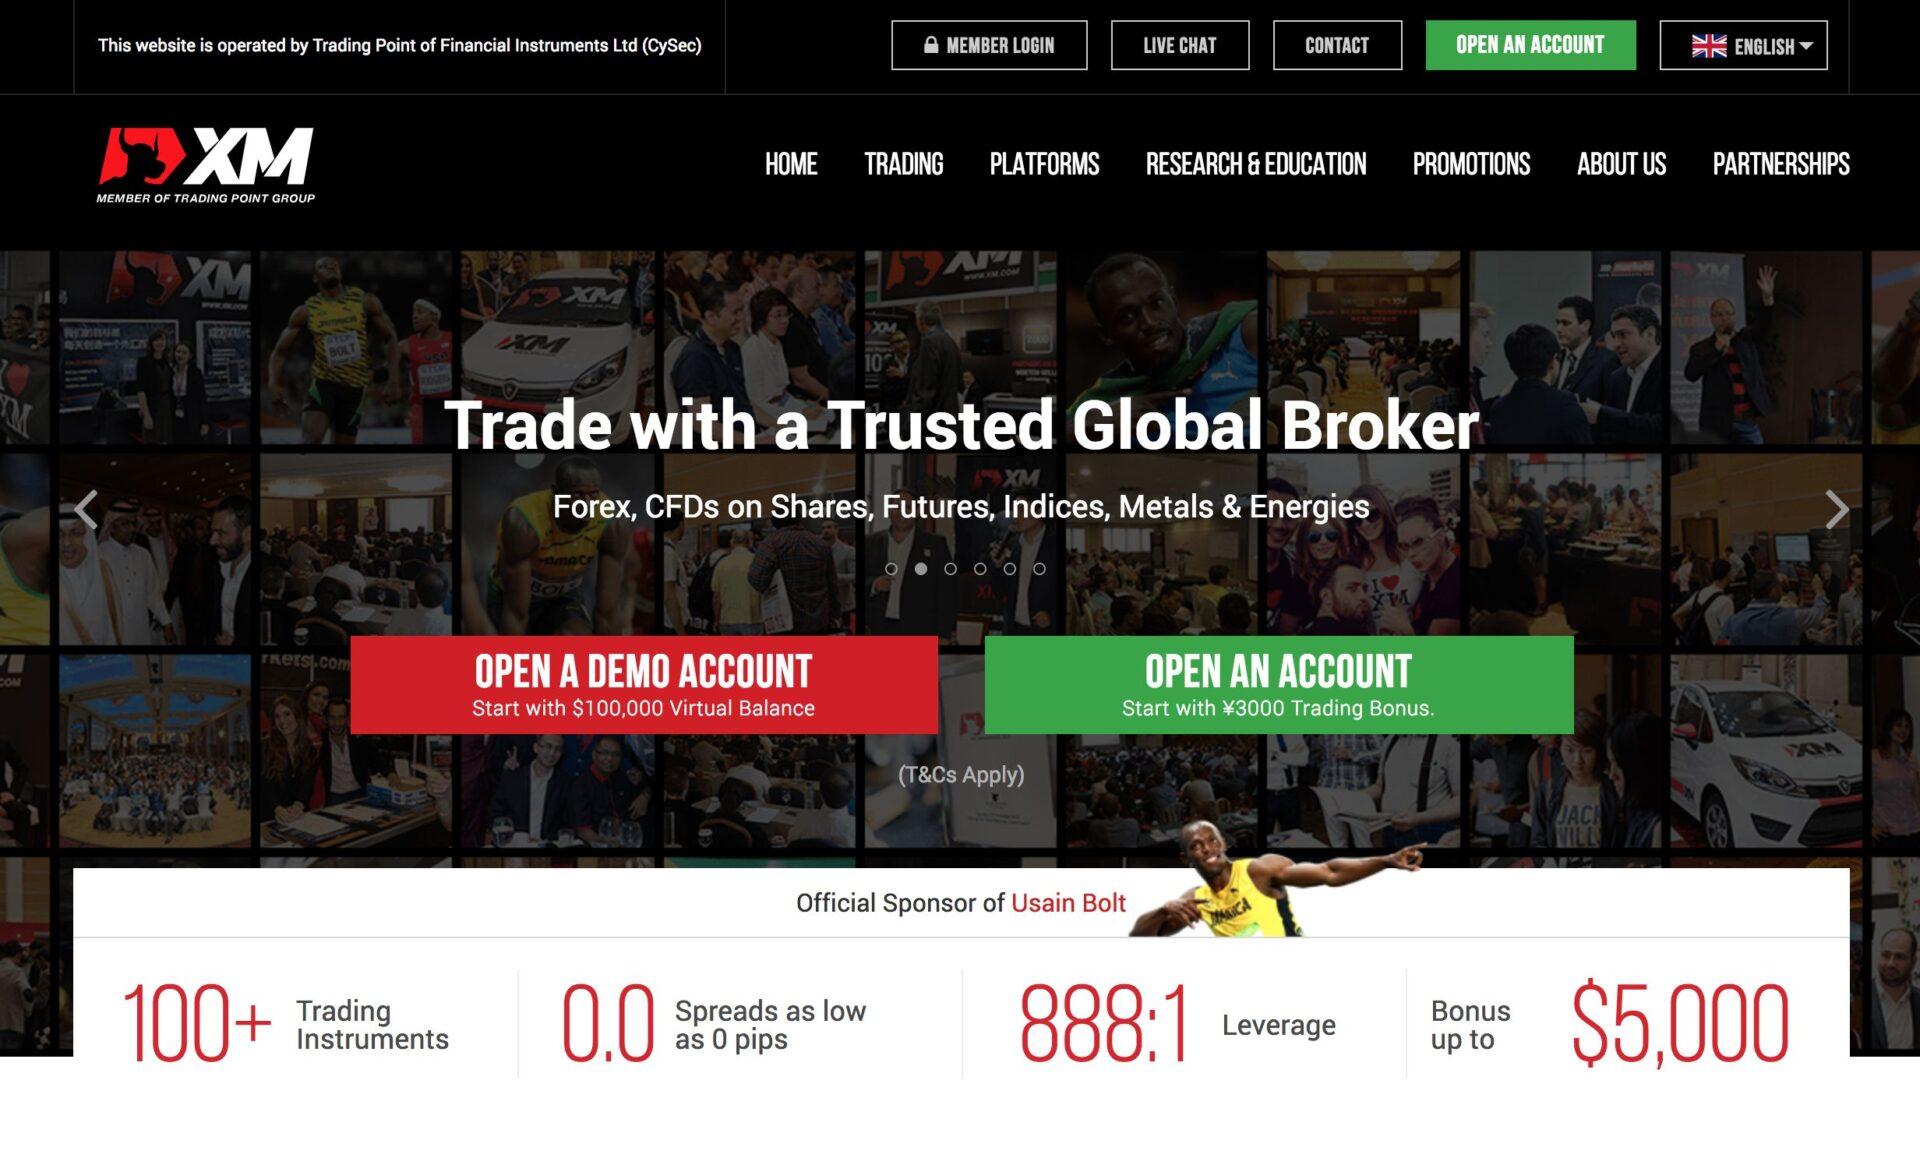 xm.comのウェブサイトイメージ